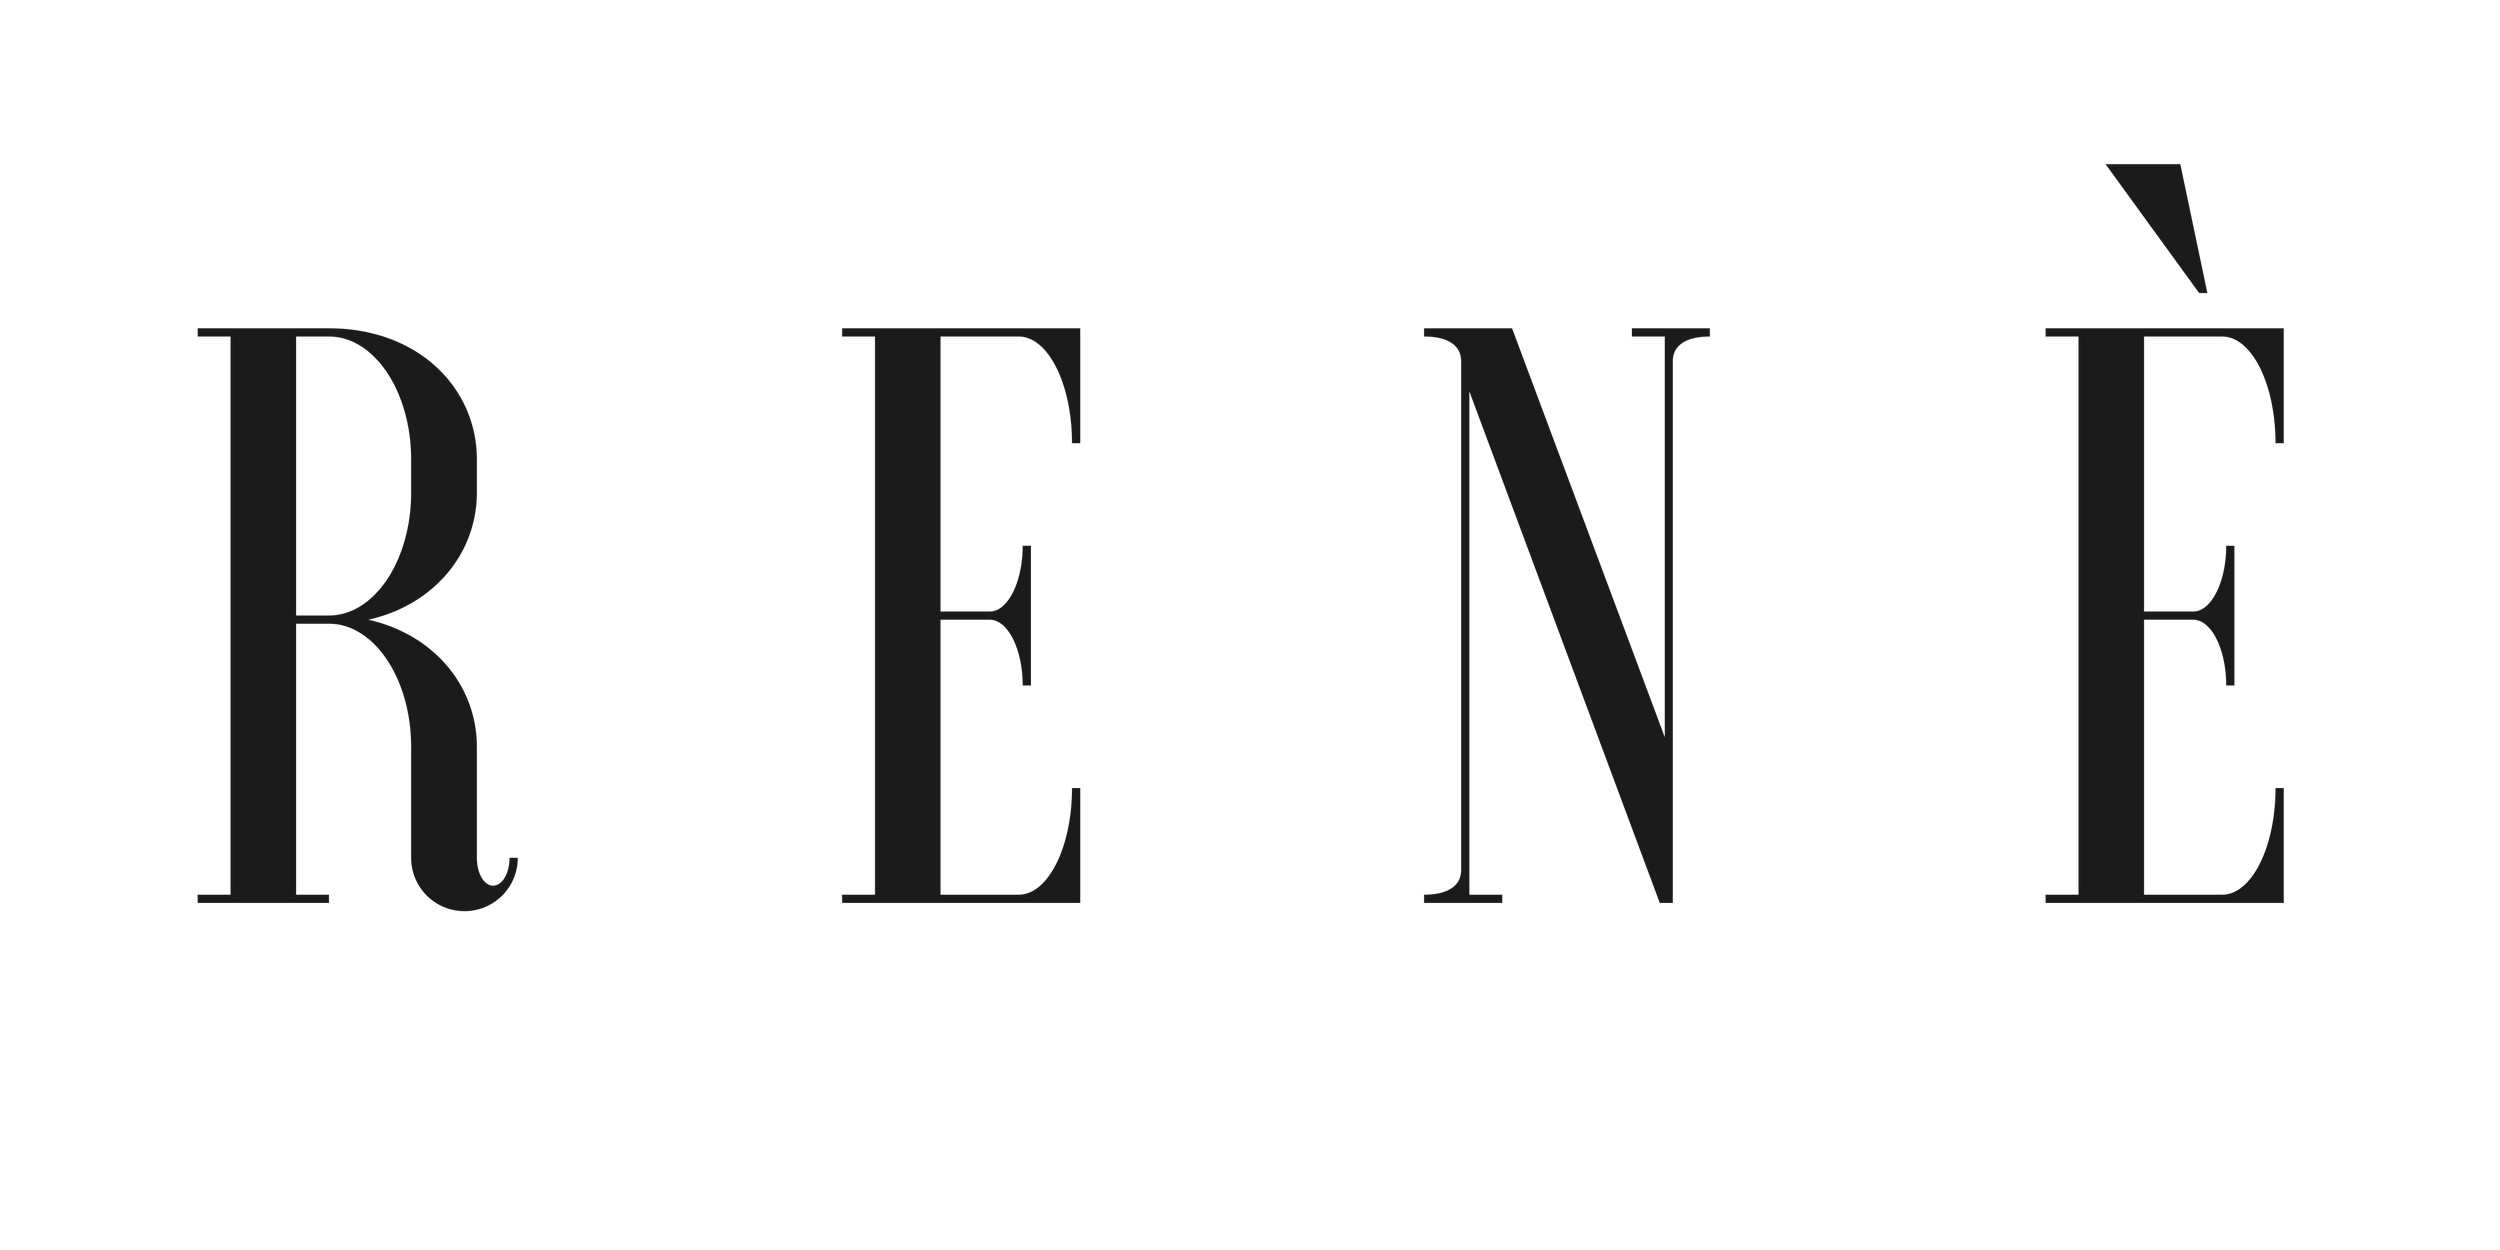 R/ückenw/ärmer Unisex Nierenw/ärmer Elastisch W/ärmeg/ürtel Kaschmir W/ärmeschutz Atmungsaktiv Bauchw/ärmer Winter Nierengurt Damen Besch/ützer Herren G/ürtel Weich Taille Unterst/ützung Kinder Nierenschutz